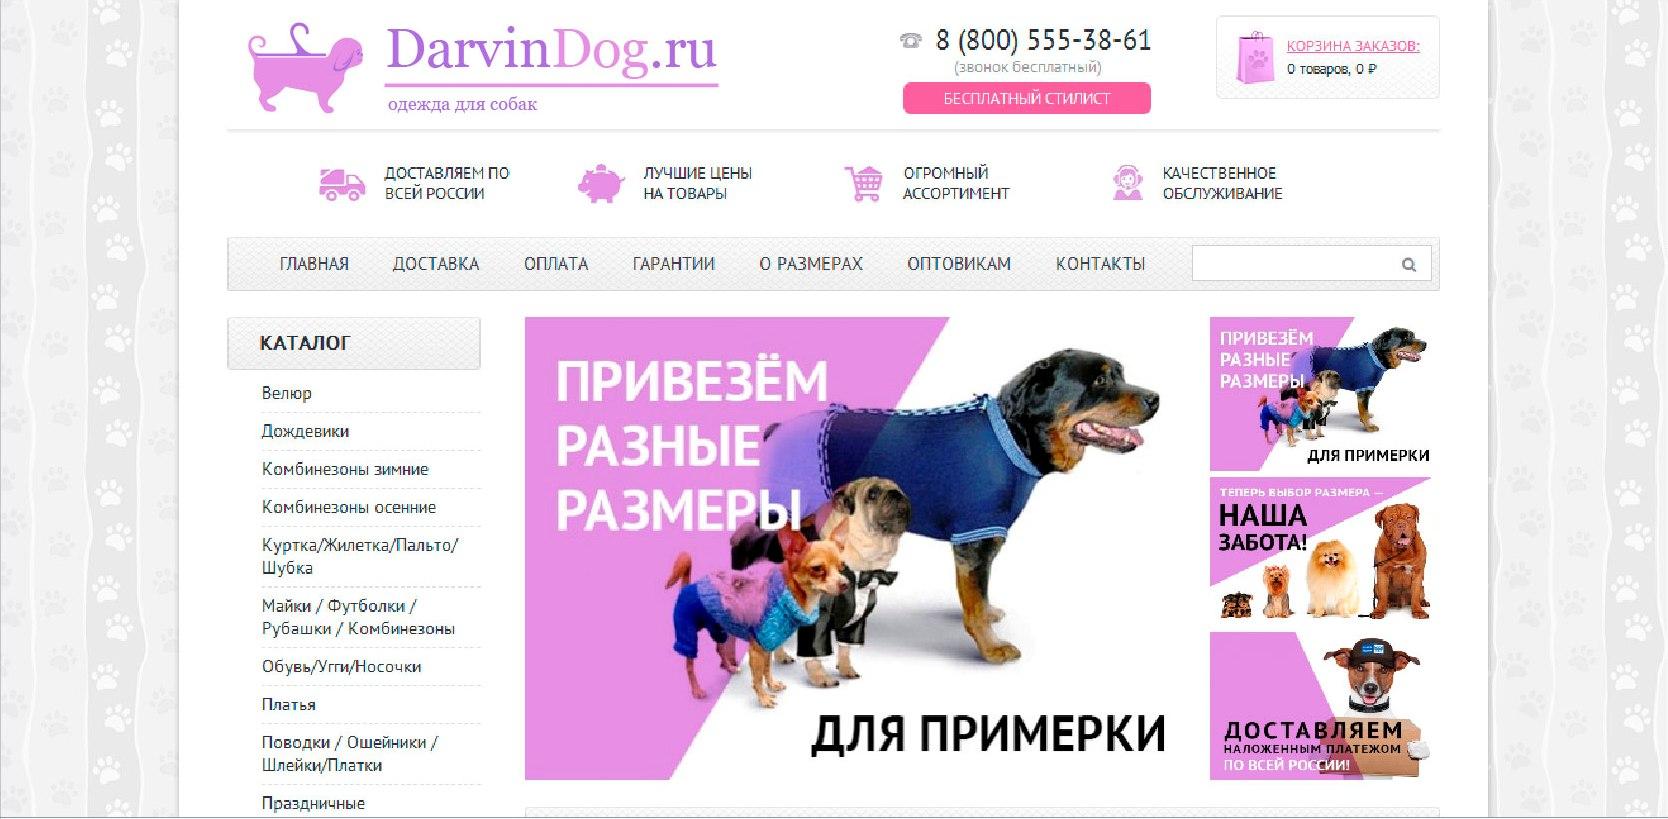 Создать логотип для интернет магазина одежды для собак фото f_869564b399a0b8cf.jpg